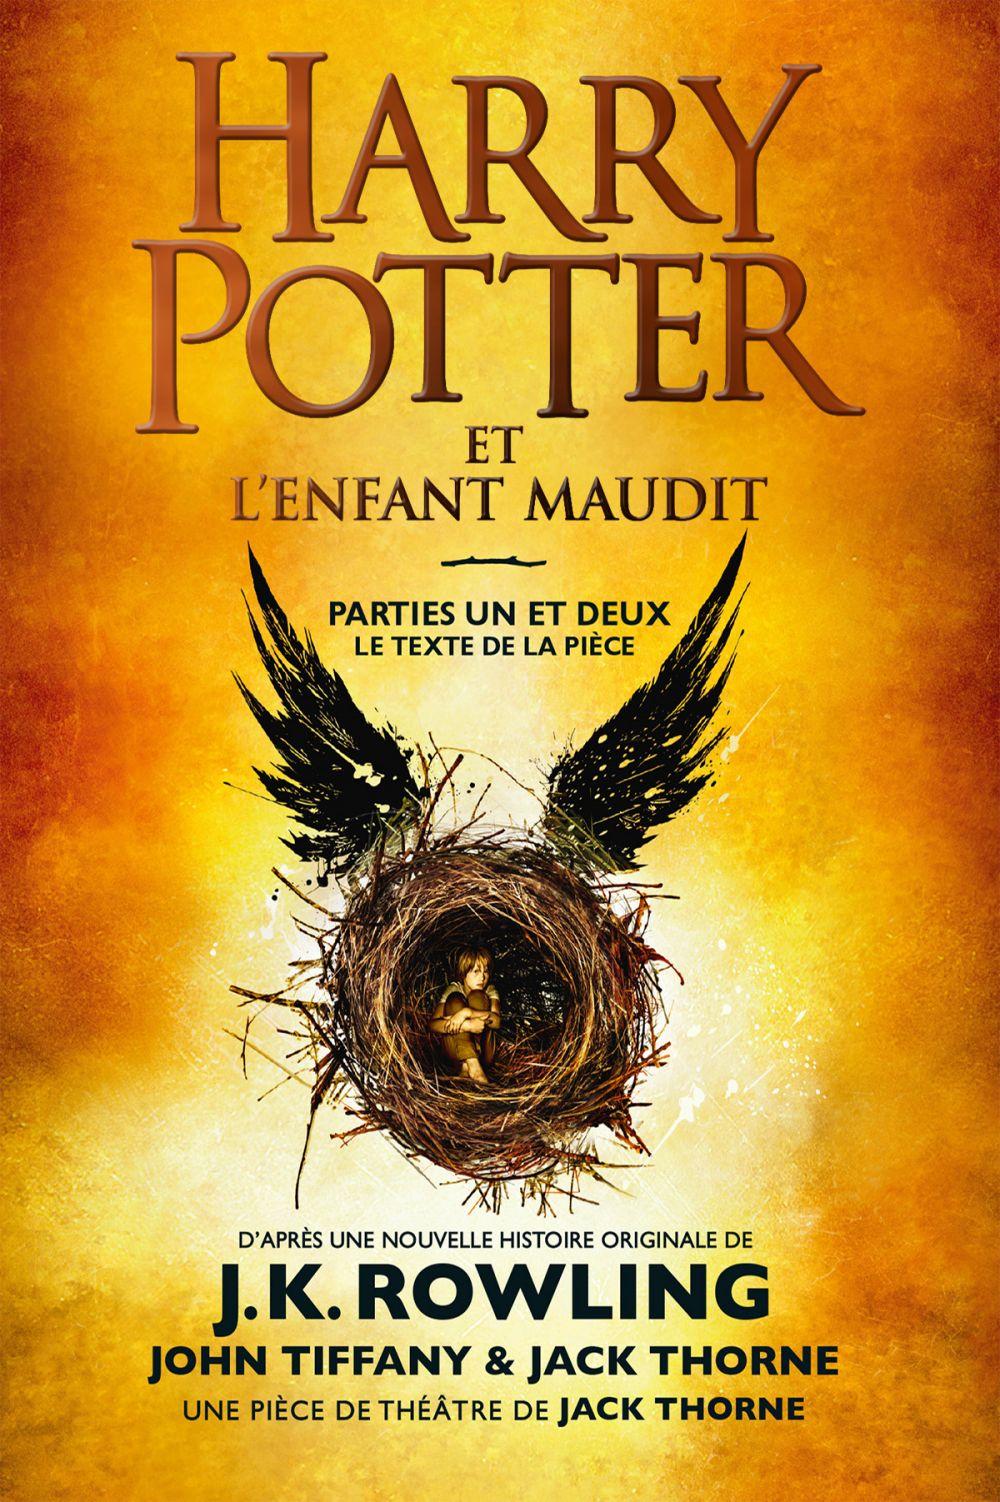 Harry Potter et l'Enfant Maudit - Parties Un et Deux | Rowling, J.K.. Auteur